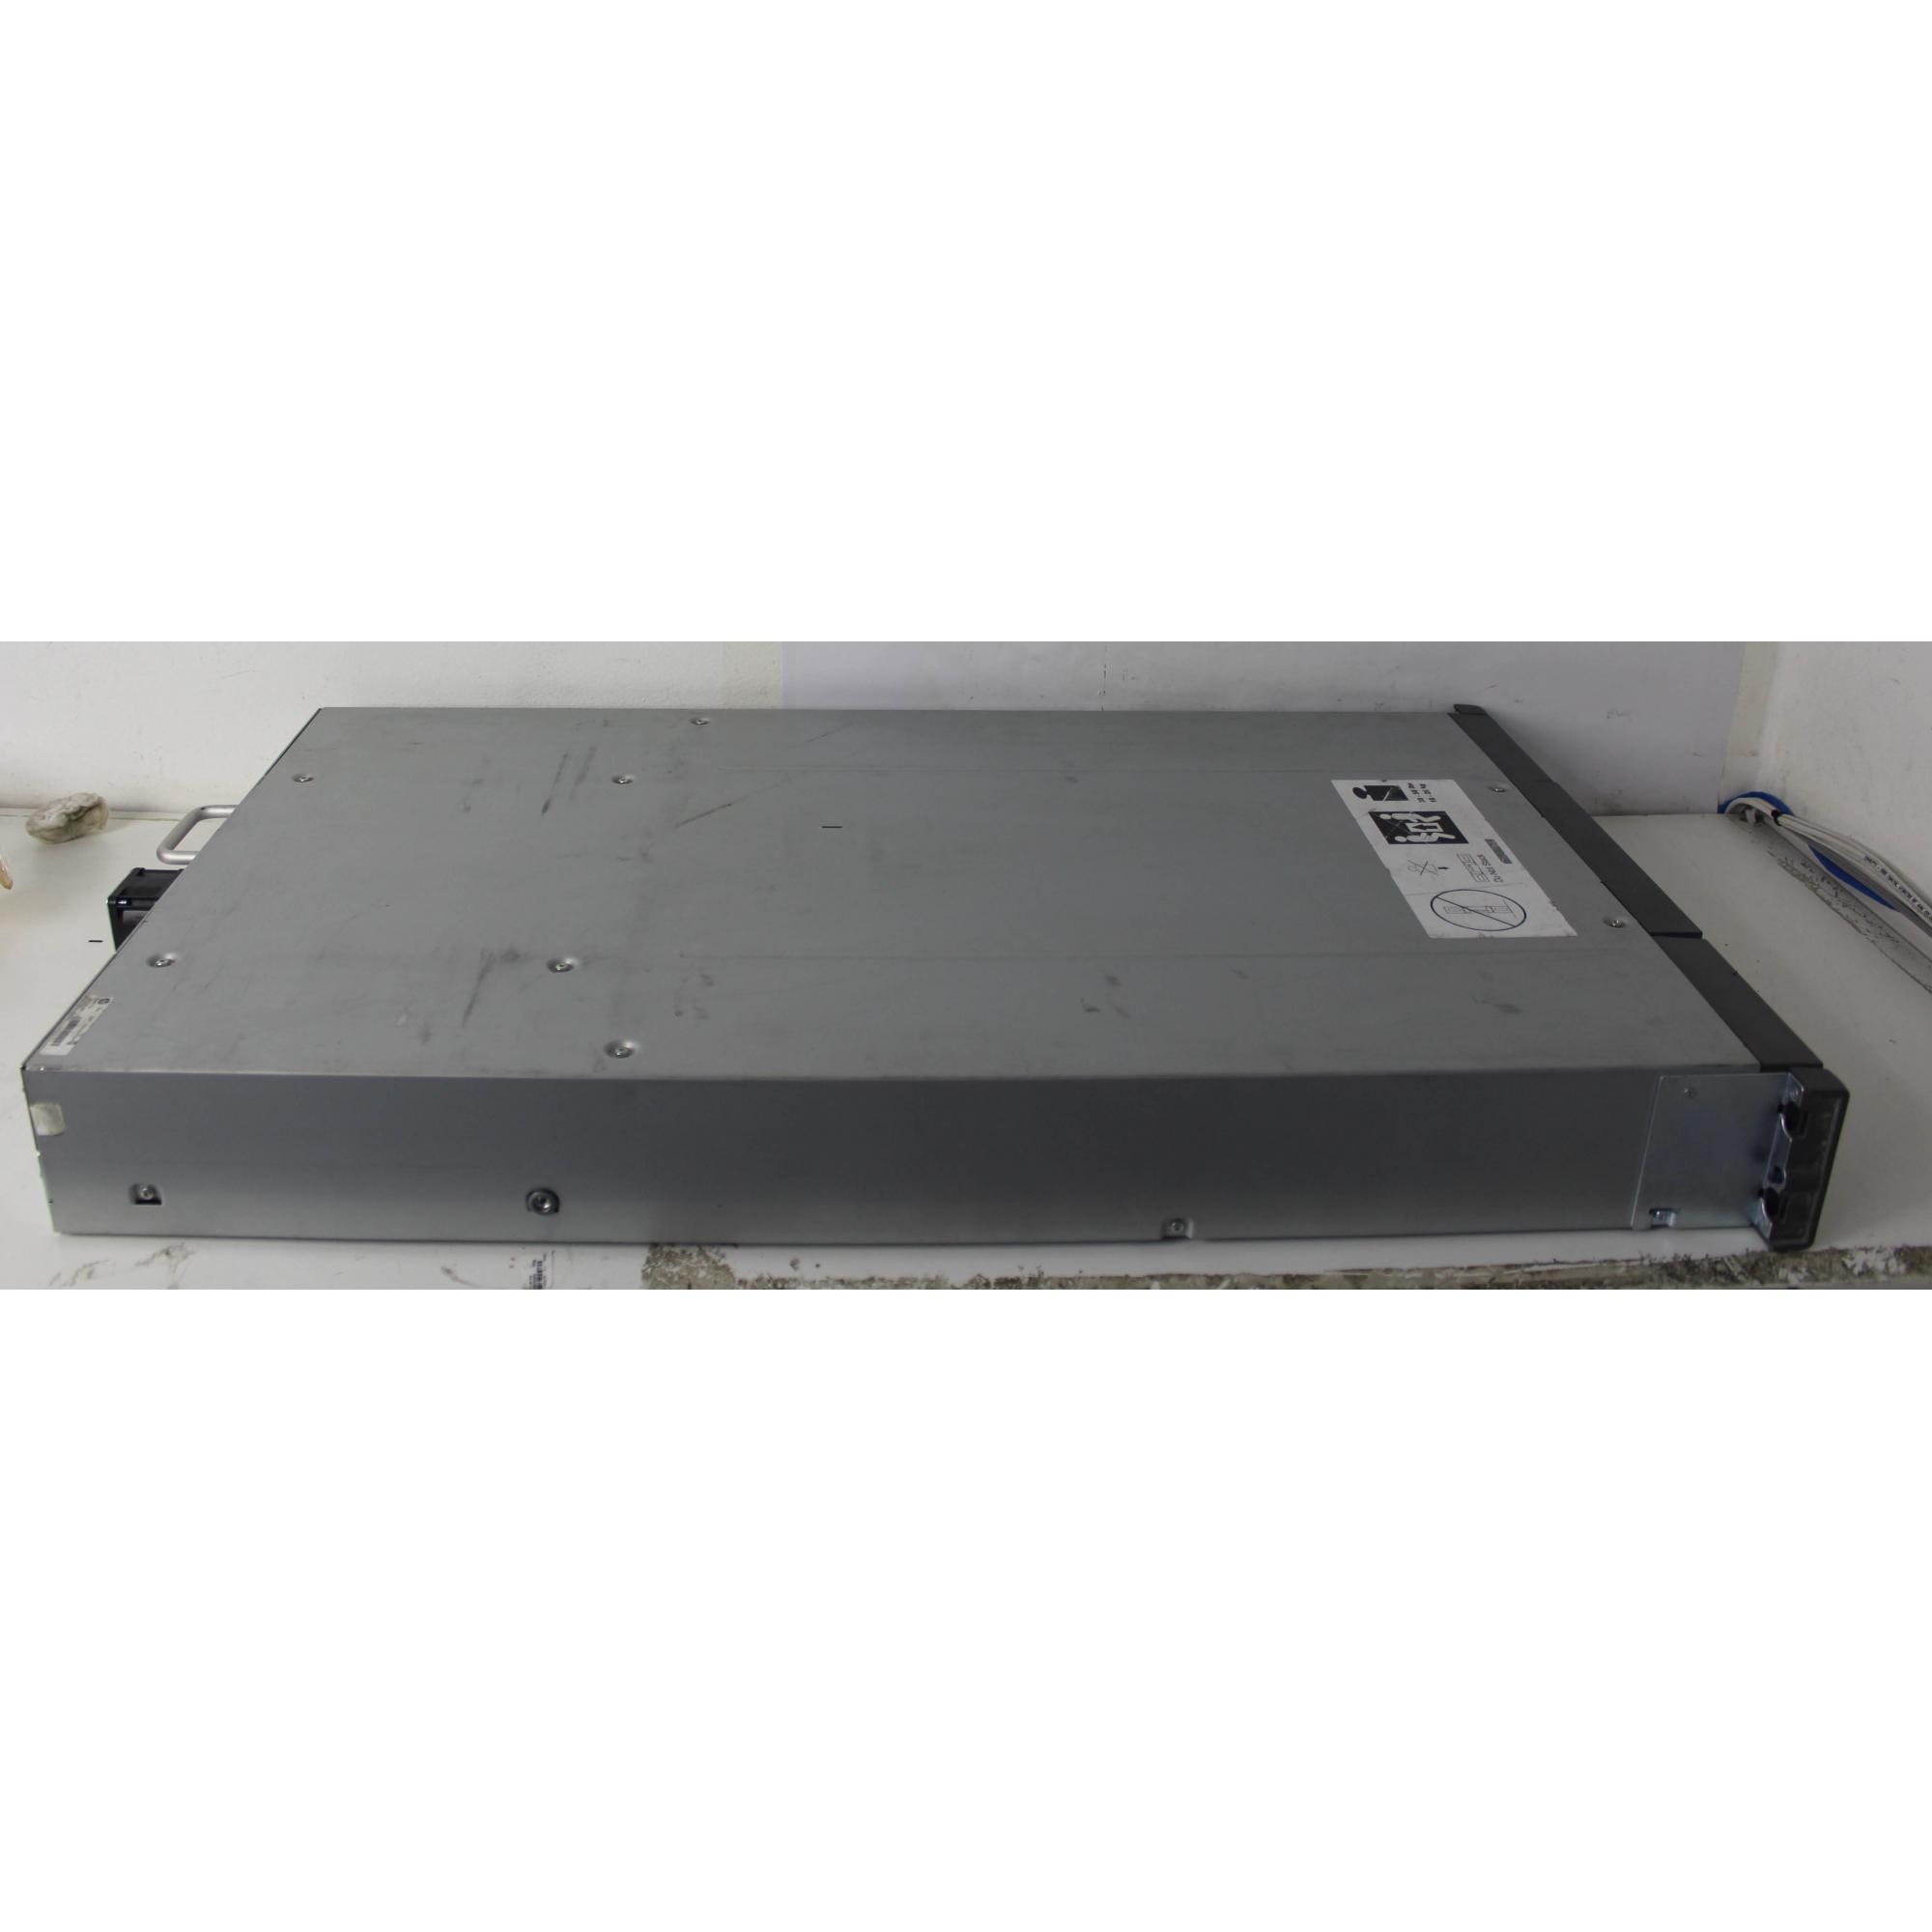 Unidade de Fita HP StorageWorks MSL2024 Drive 24 Fitas (Não Enviamos)